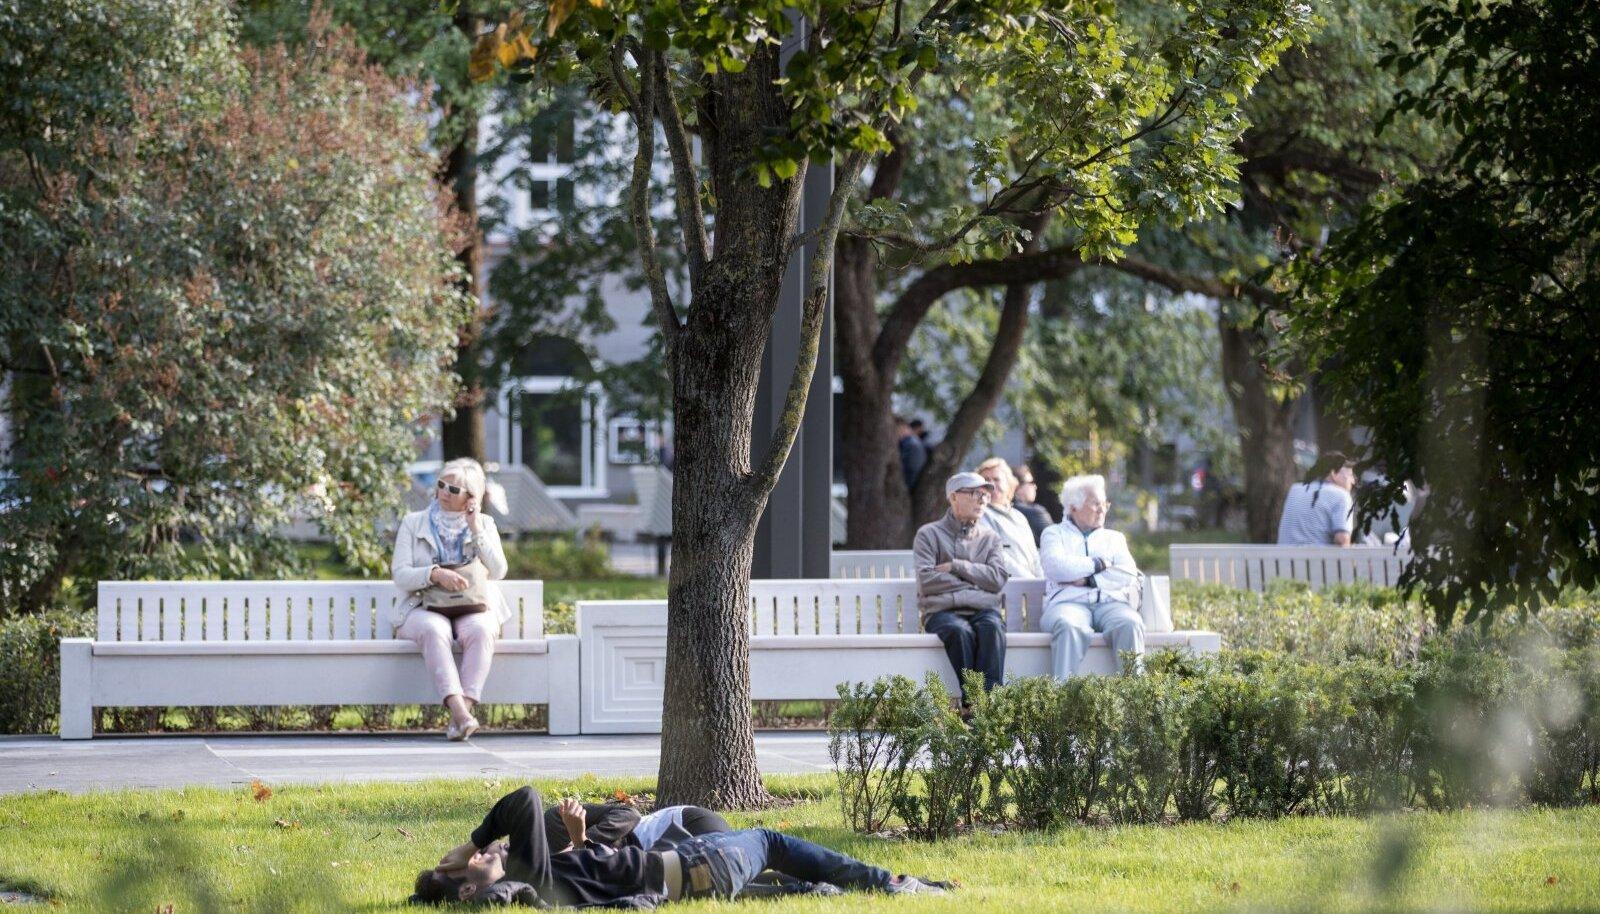 On meeldivaid erandeid. Tallinna Tammsaare park sai uue kuue ja seal on märgata varasemast rohkem inimesi aega veetmas.